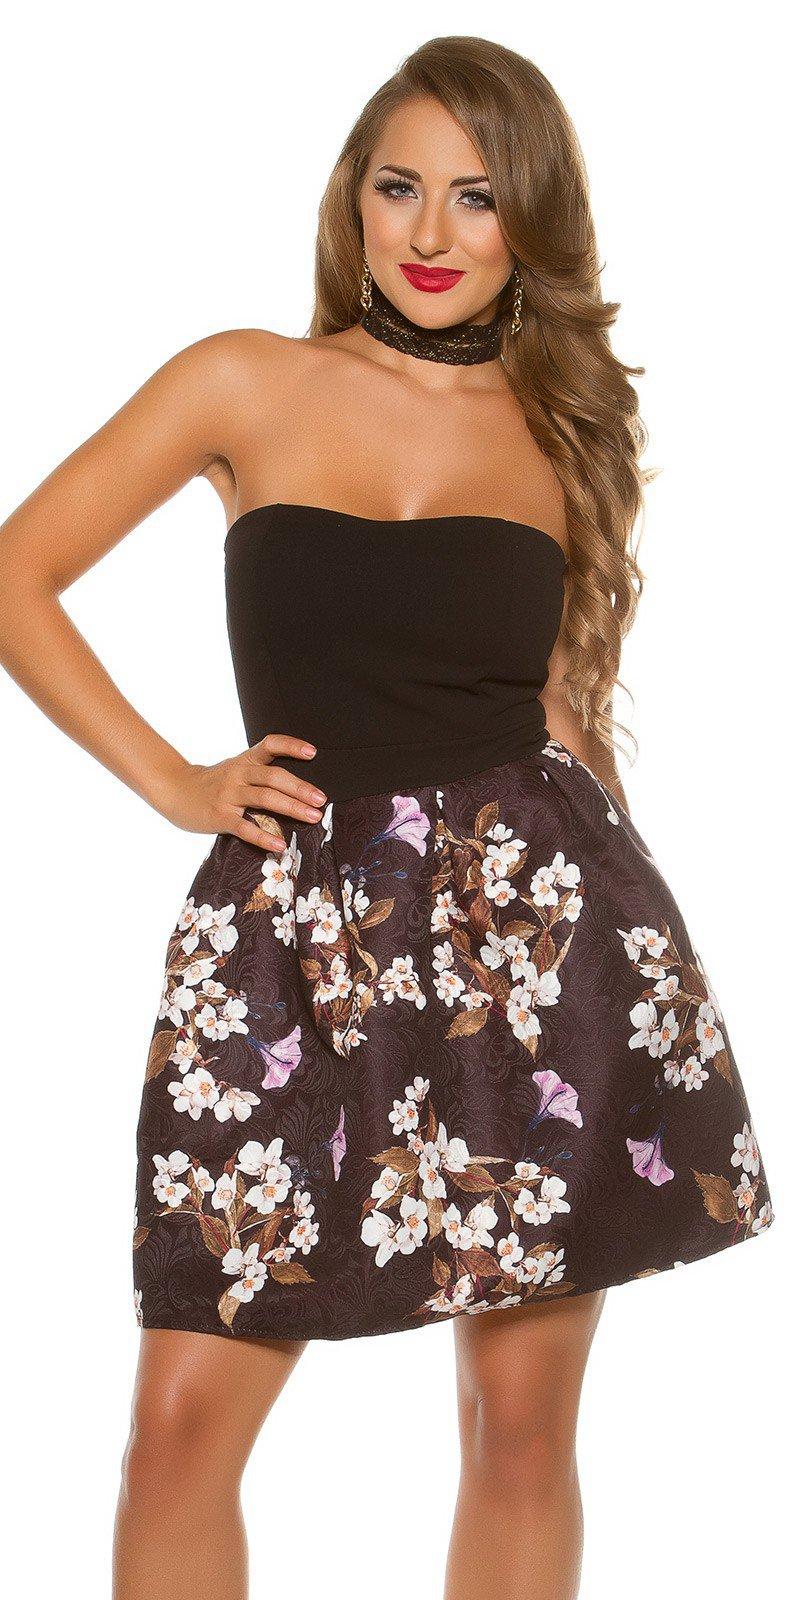 67b16196e513 Krásne dámske šaty s kvetinovou potlačou - NajlepsiaModa.sk